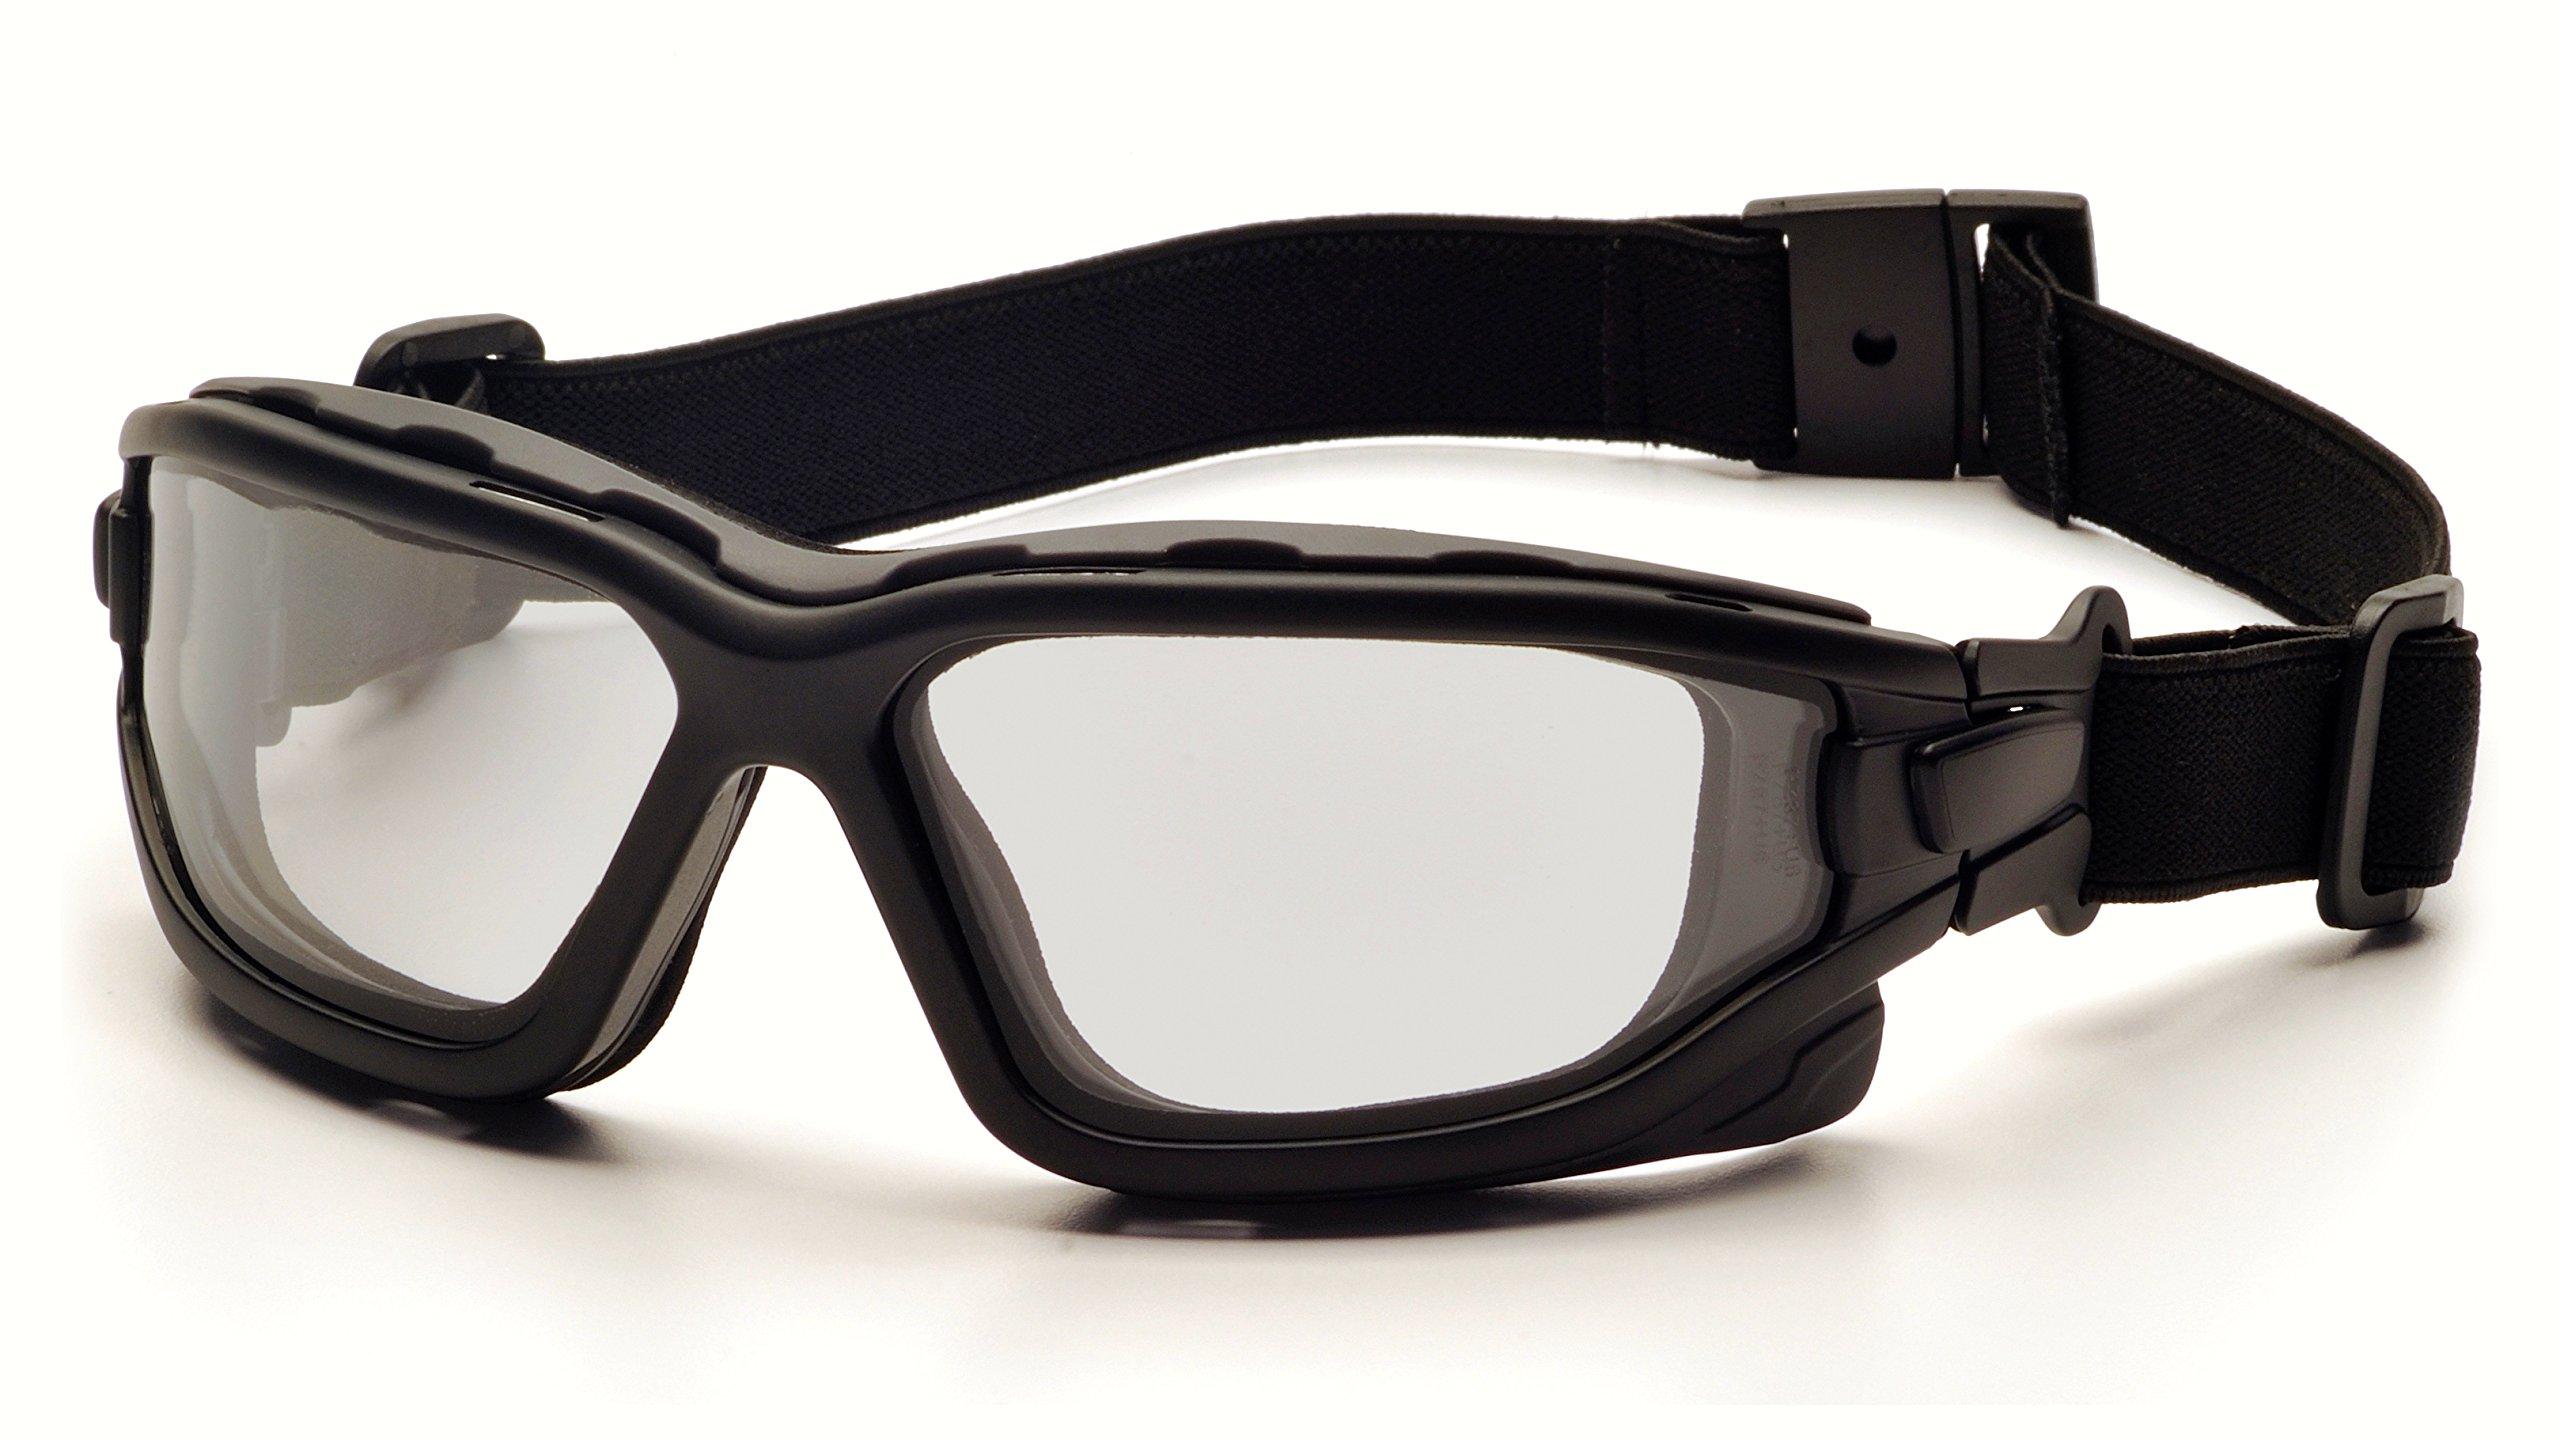 Pyramex I-Force Sporty Dual Pane  Anti-Fog Goggle, Black Frame/Clear Anti-Fog Lens by Pyramex Safety (Image #3)